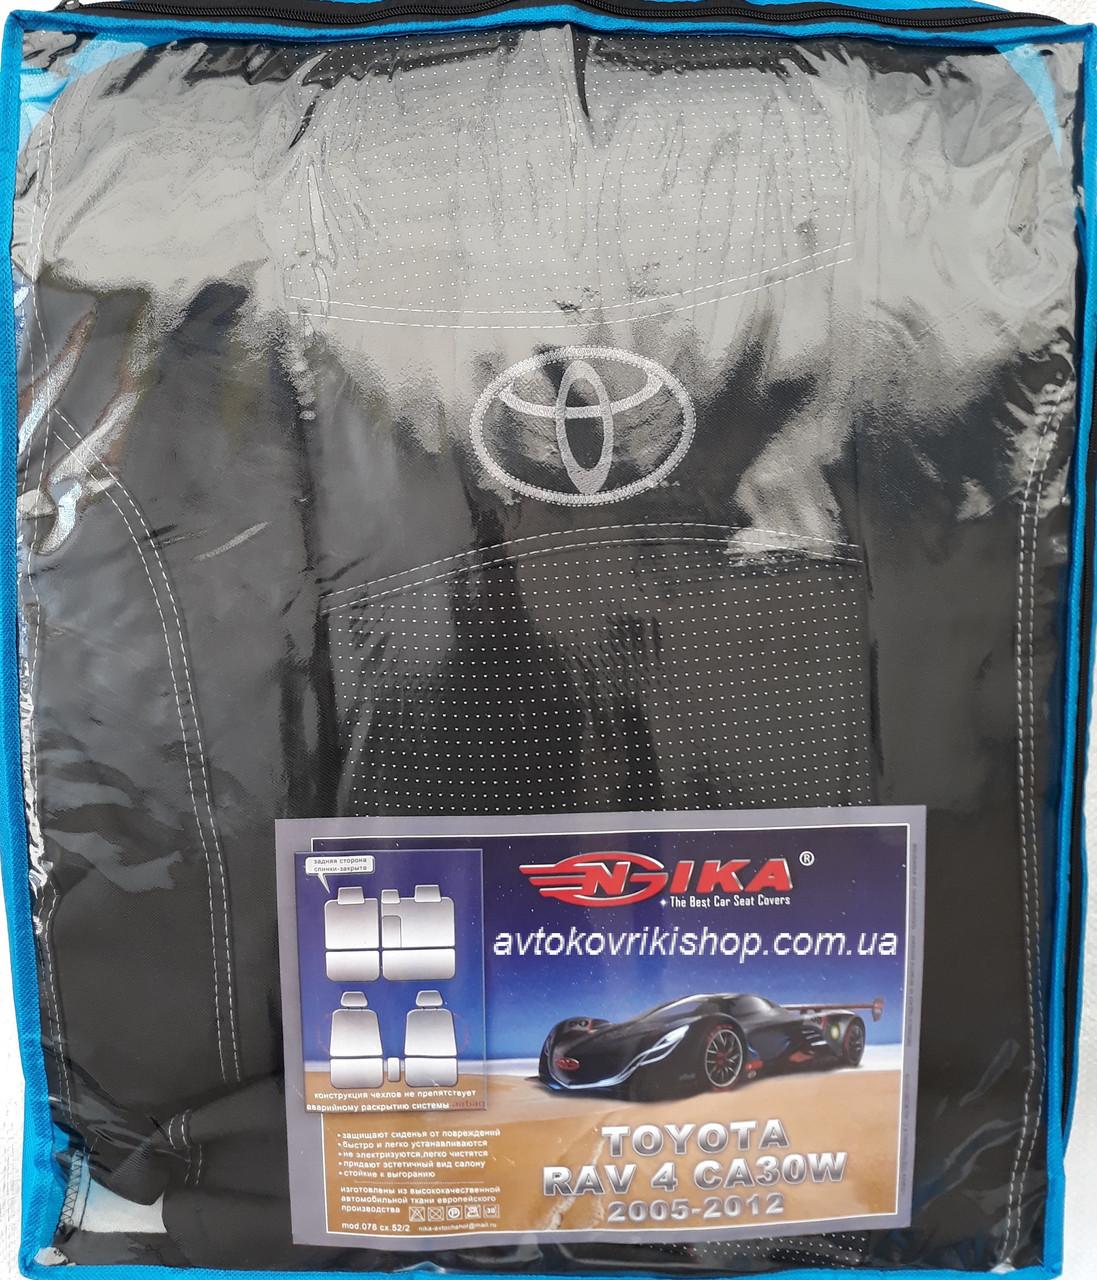 Авточехлы Toyota Rav 4 CA 30W 2005-2012 Nika